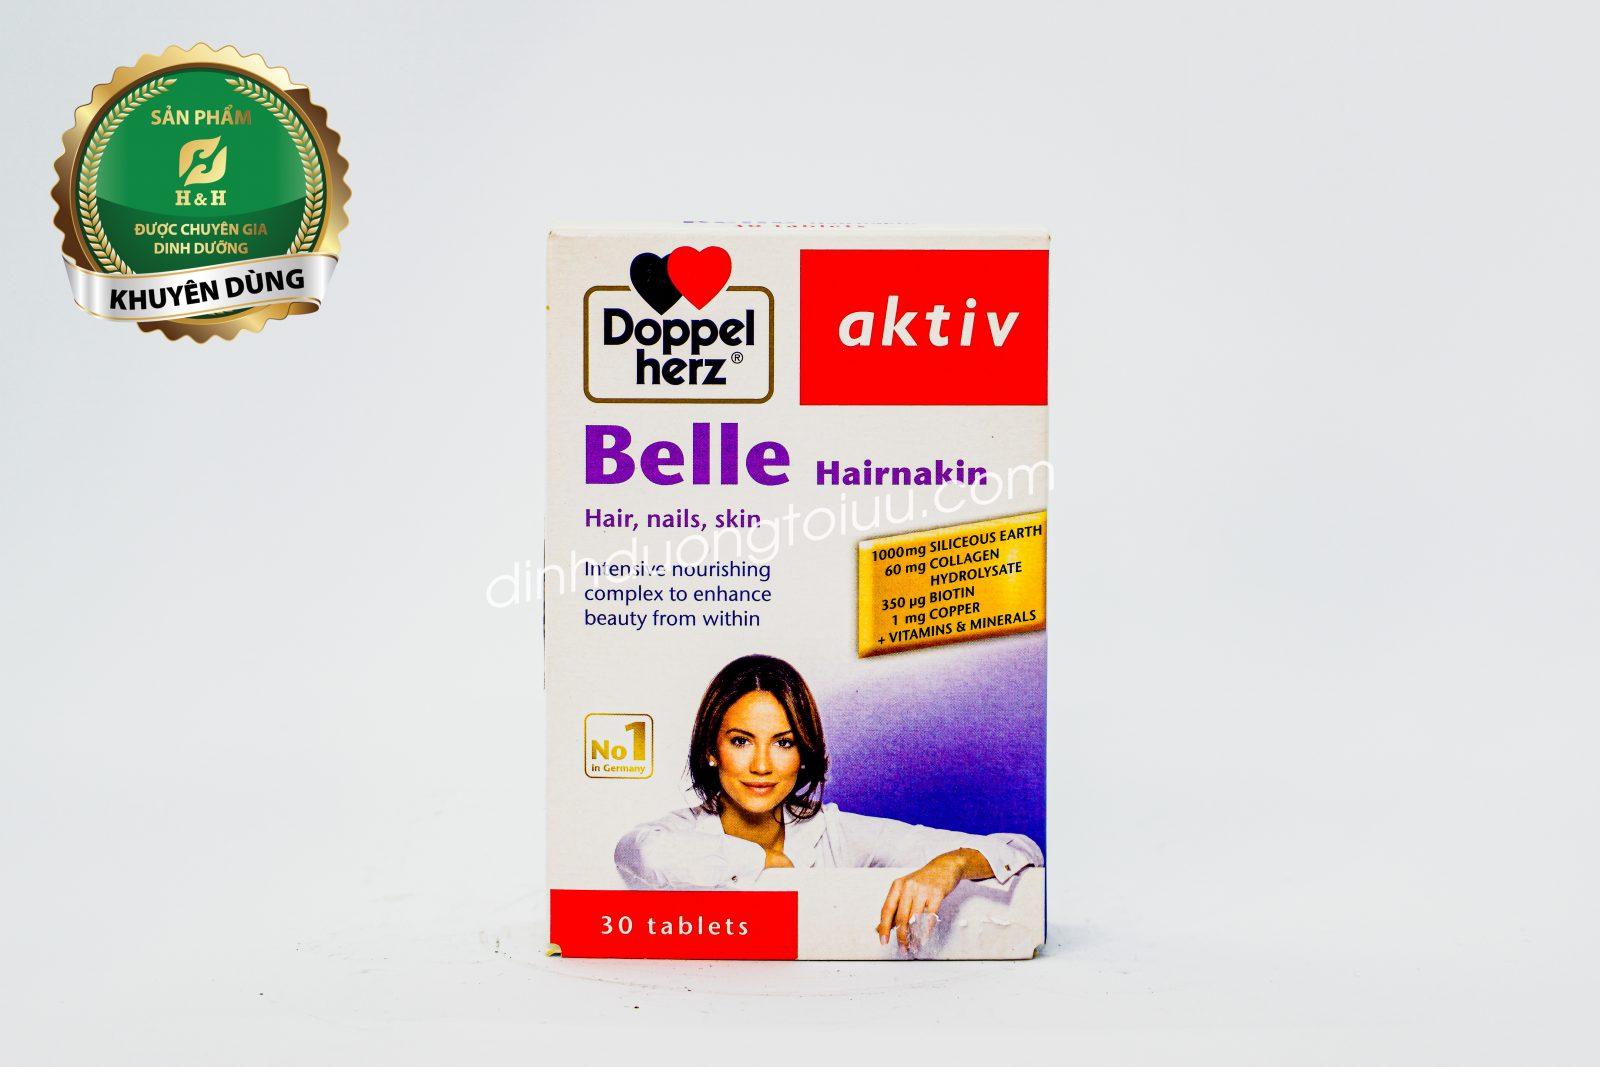 Doppelherz Aktiv Belle Hairnakin là sản phẩm phổ biến trên thị trường, được mọi người tin dùng